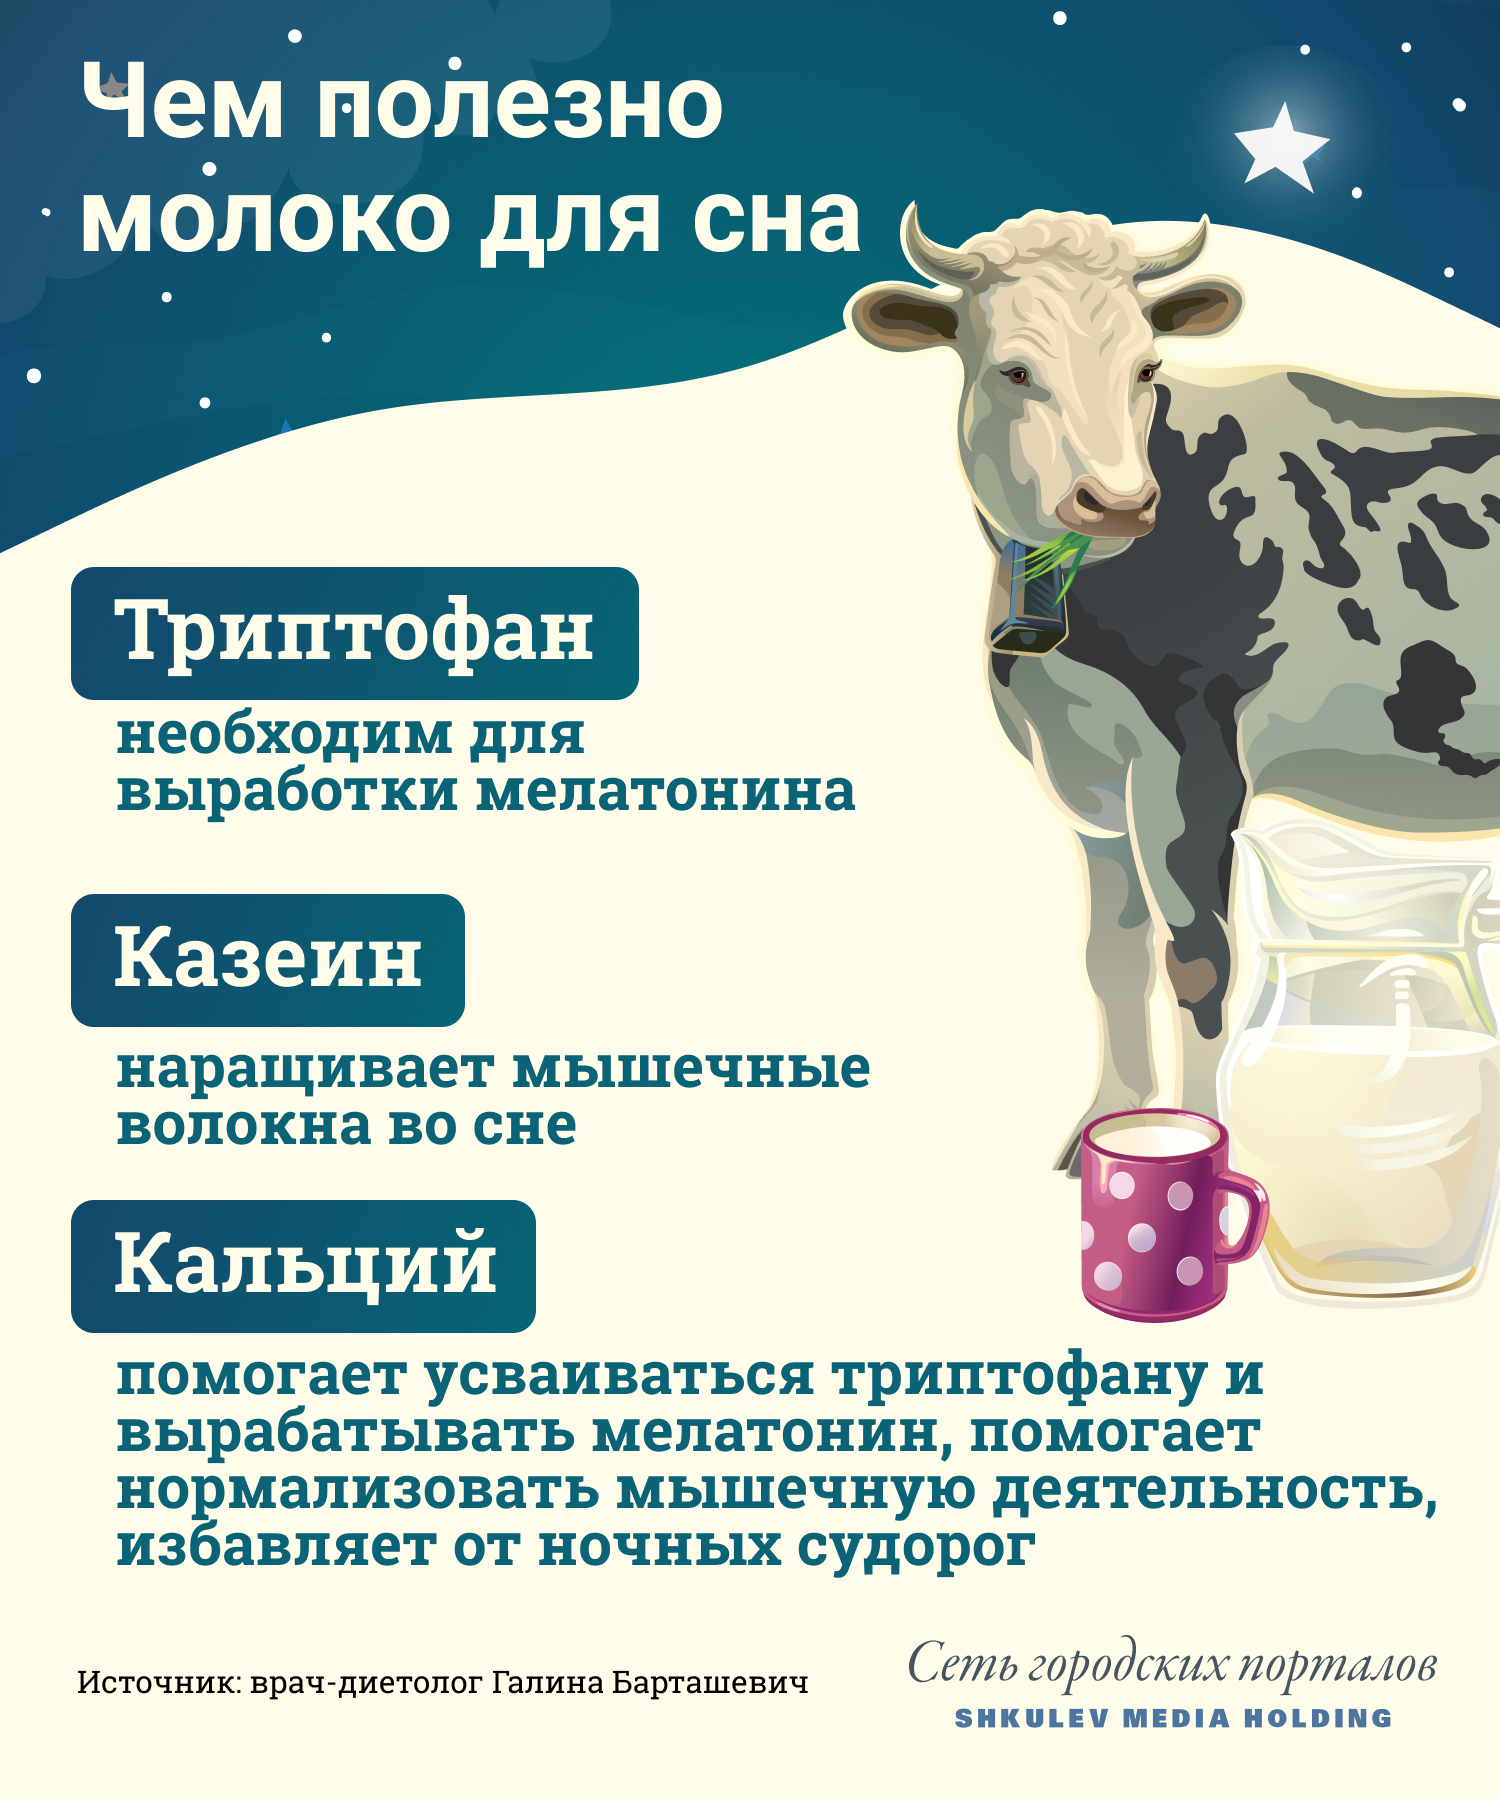 Полезные свойства молока для крепкого сна